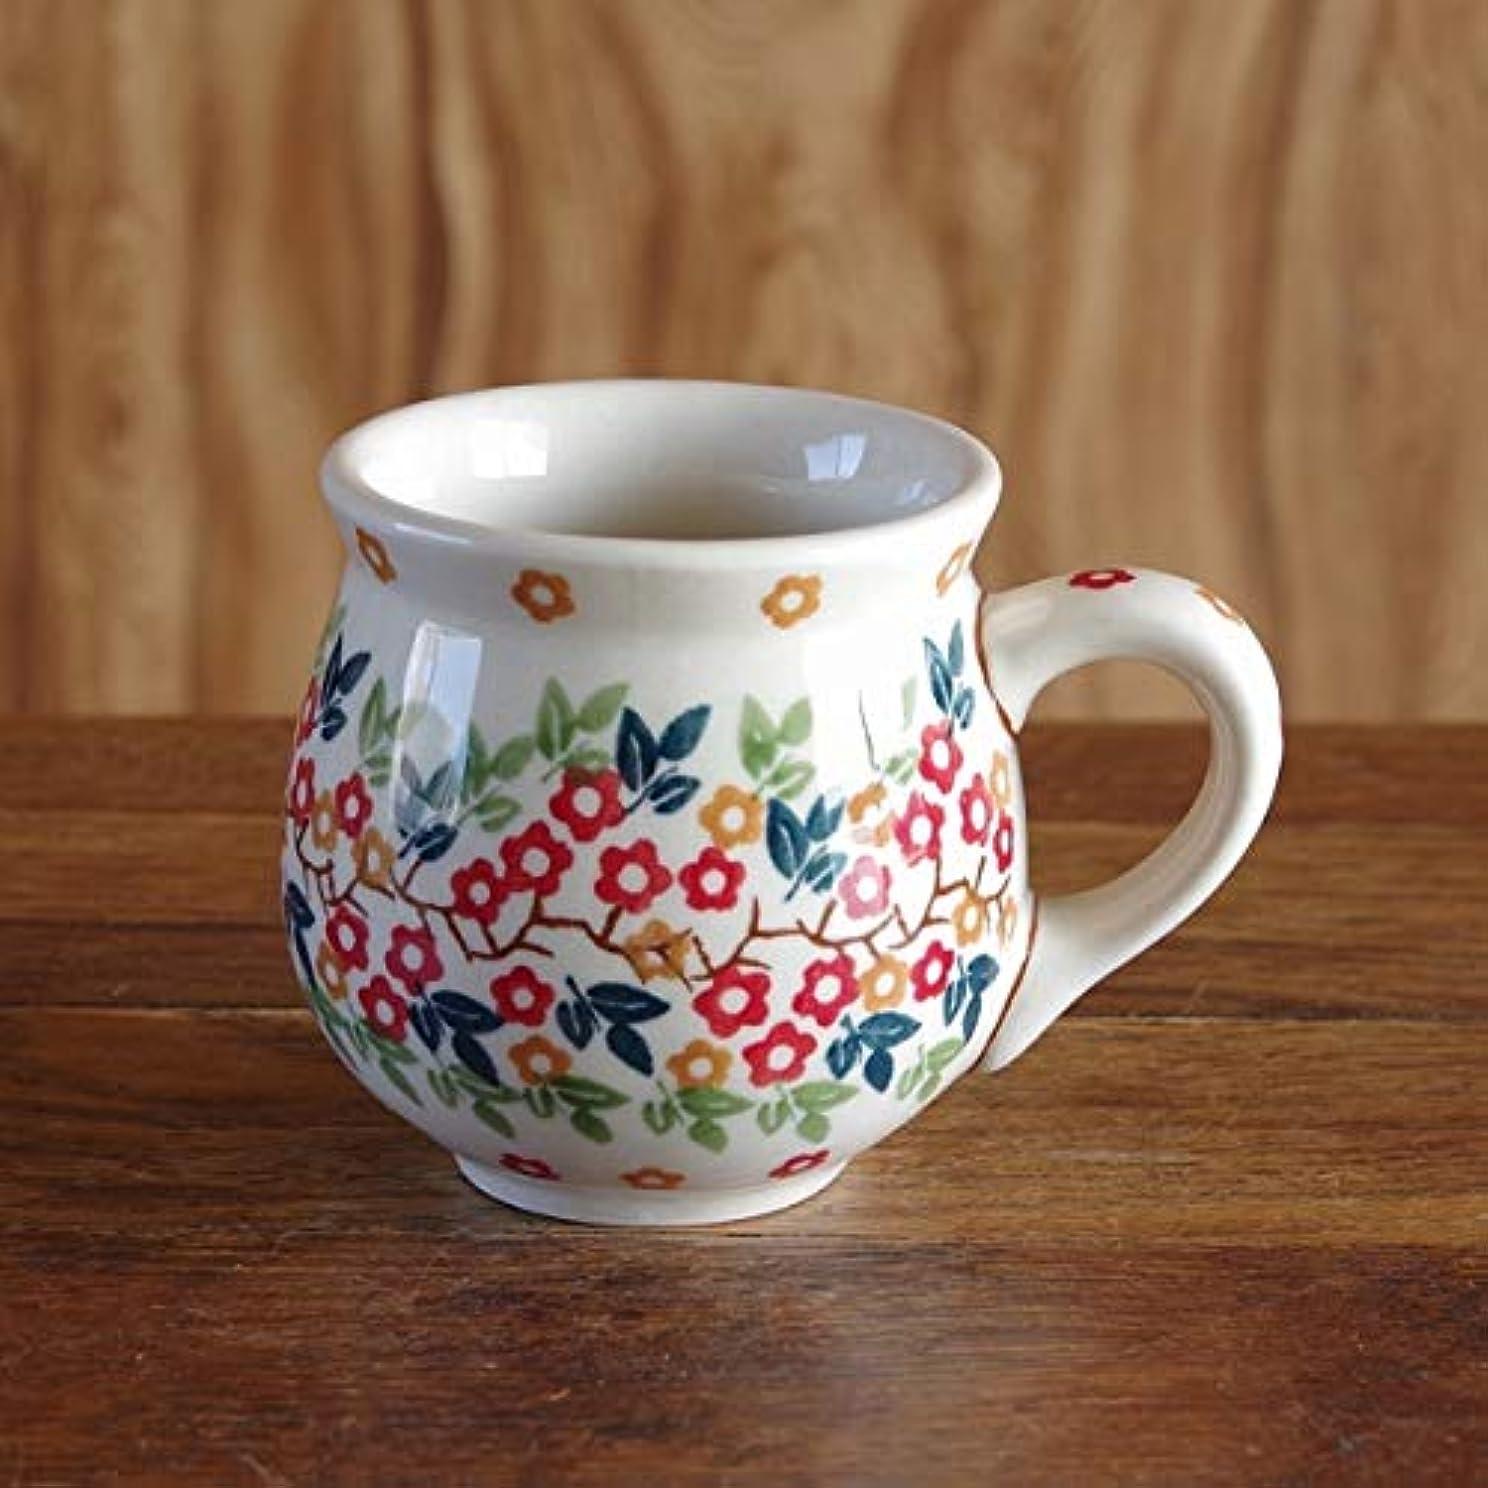 憲法好奇心政治的ポーランド食器 ポーリッシュポタリー マグカップ 200ml ボレスワヴィエツ陶器 Boleslawiec ポップ オレンジ色の小花柄 K67-KK02